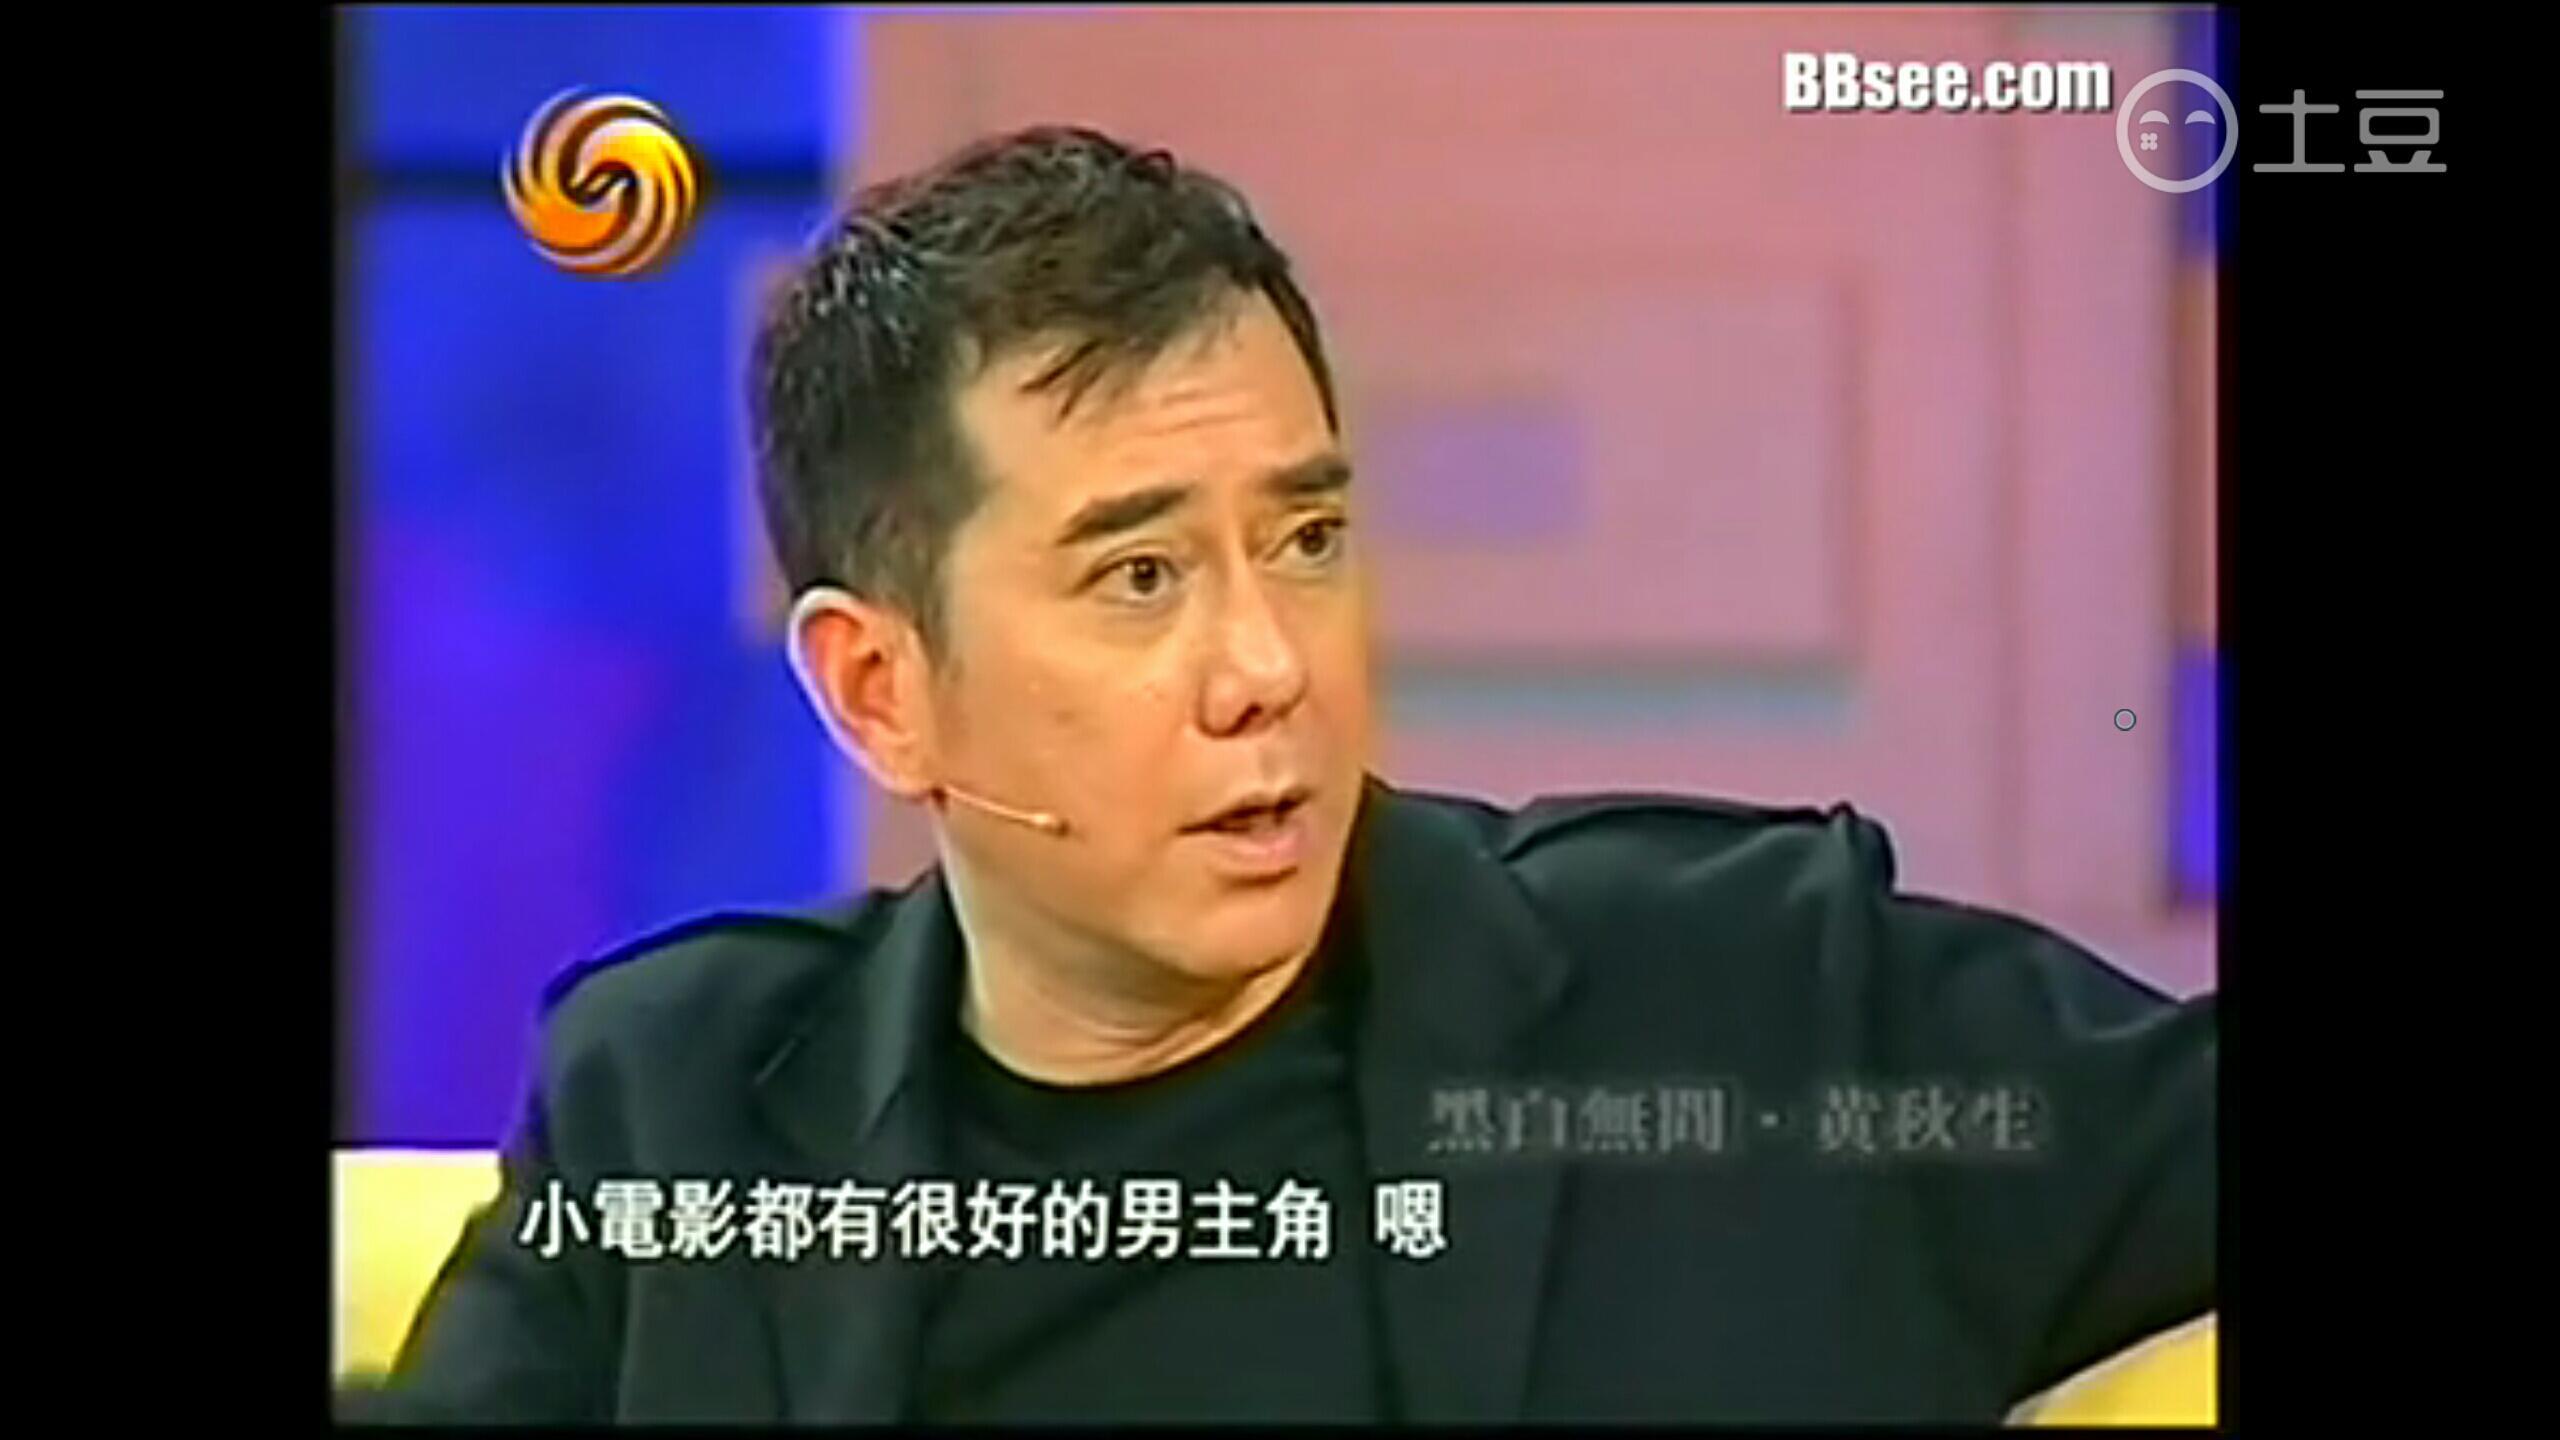 普通话与粤语的「同词异义」,容易造成哪些误会?